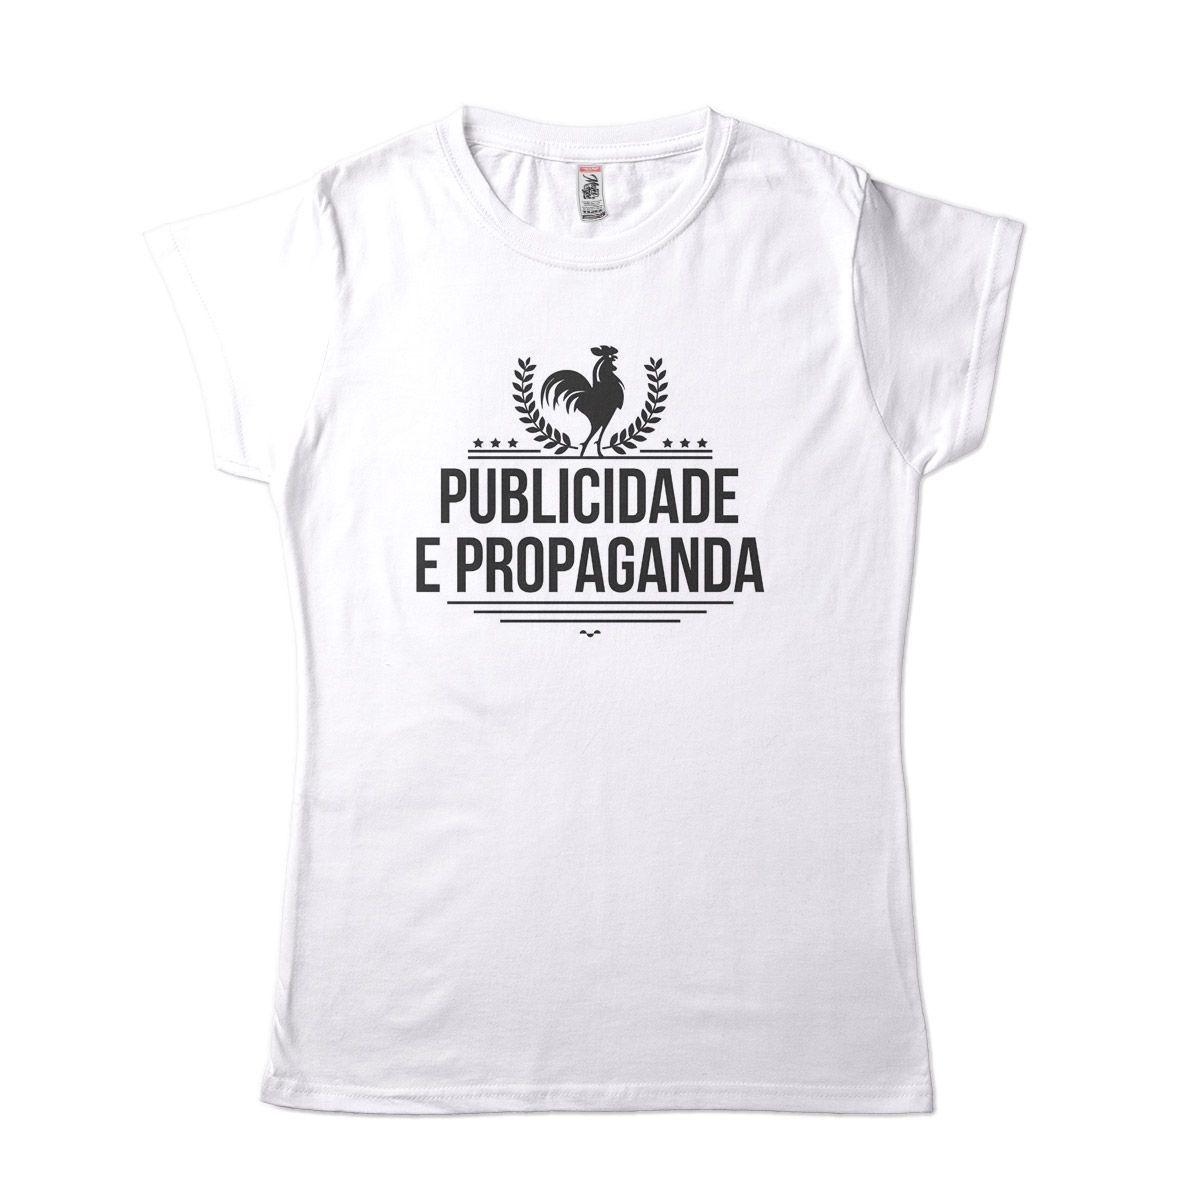 camiseta publicidade e propaganda universitaria